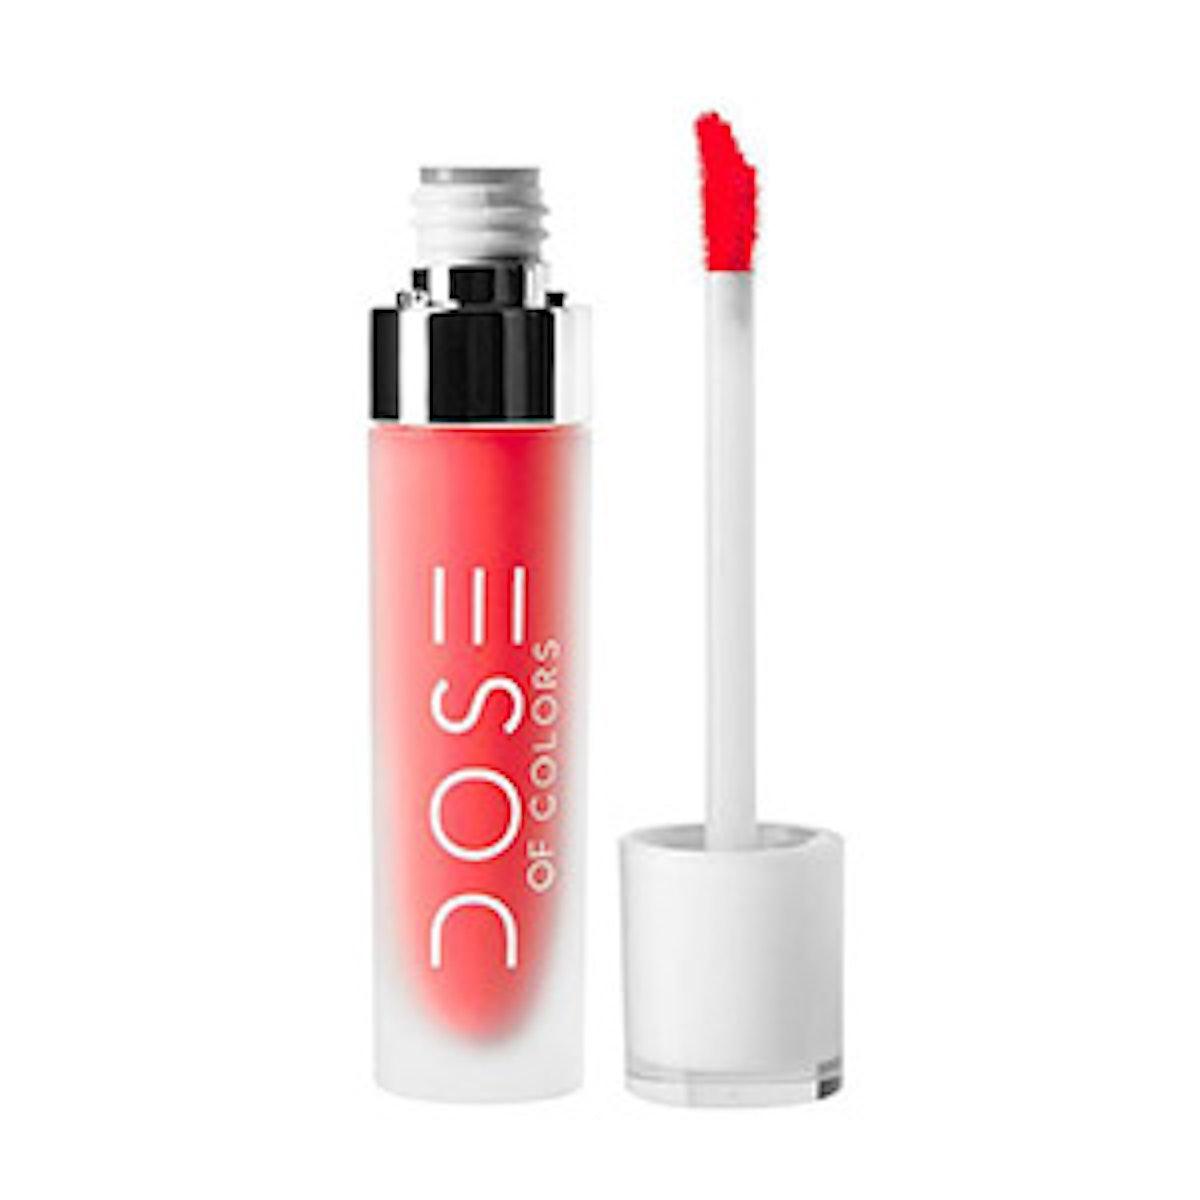 Dose of Colors Matte Liquid Lipstick In Coral Crush